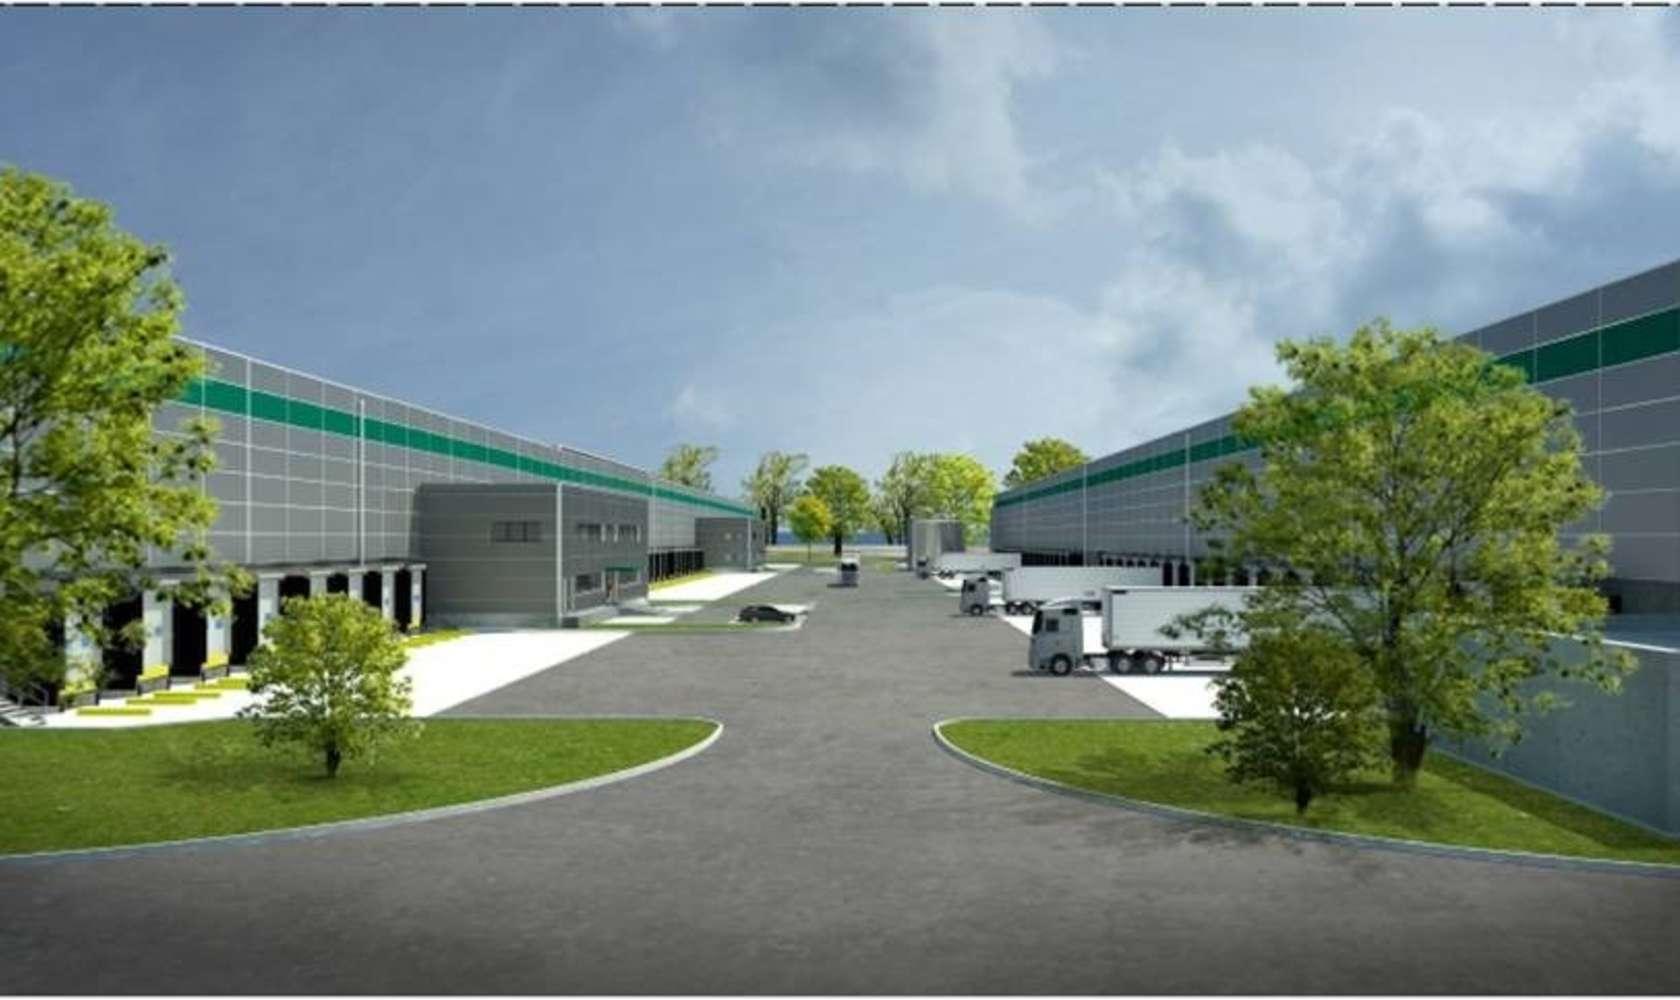 Magazzini industriali e logistici Piacenza, 29122 - Area logistica Piacenza - 10878334